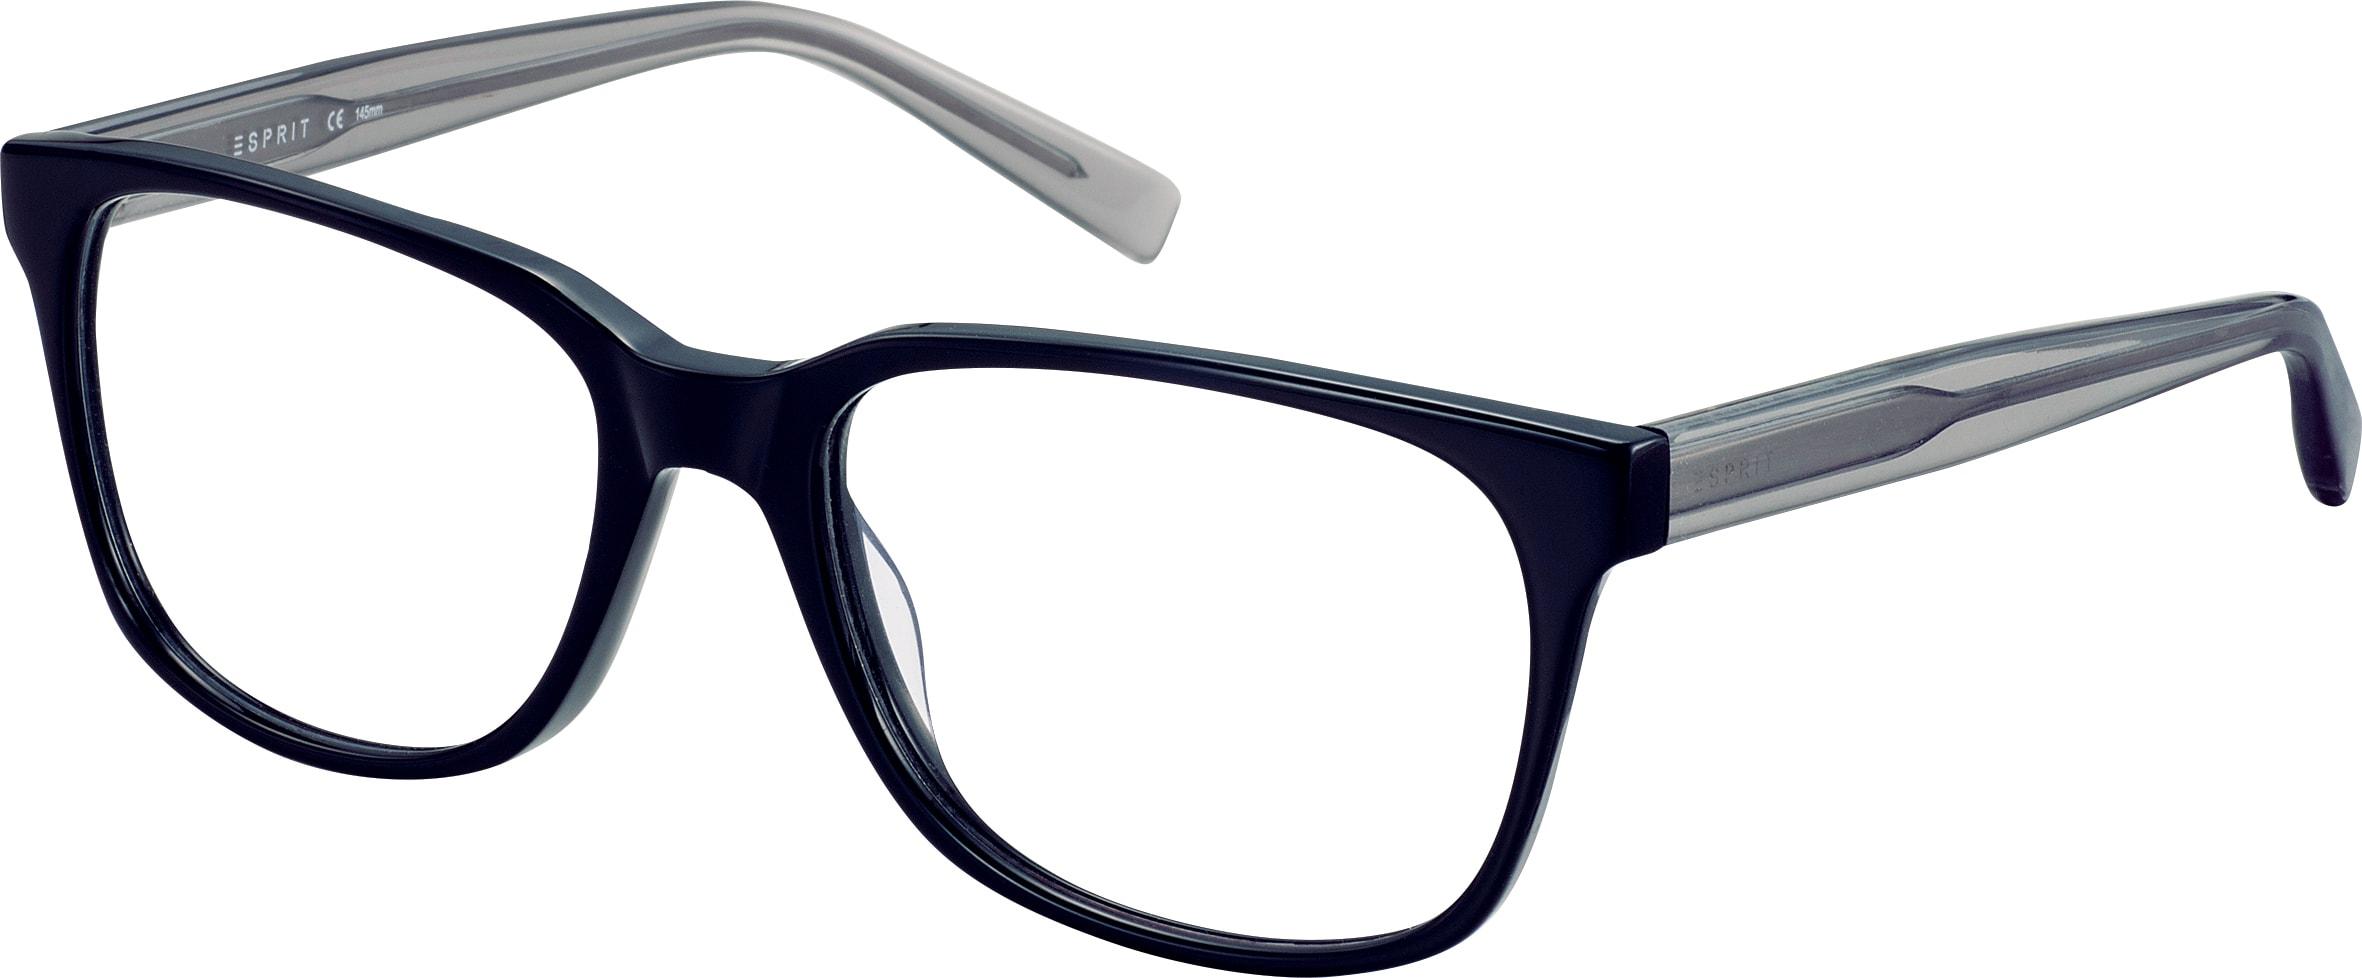 Esprit Herren Brille » ET17563«, schwarz, 538 - schwarz